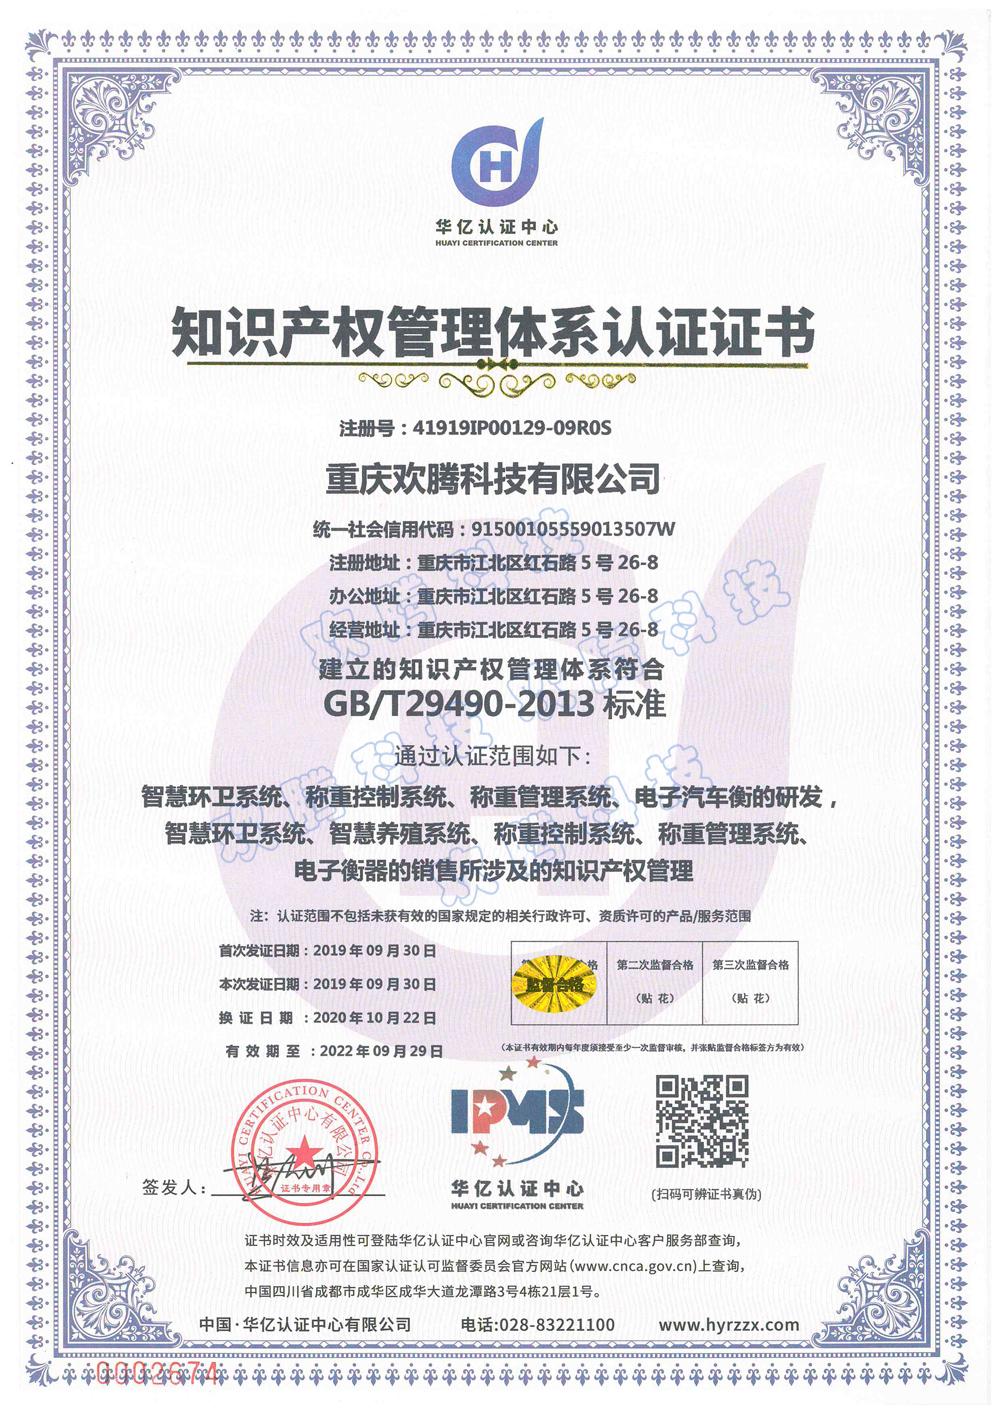 title='知识产权管理体系认证证书'